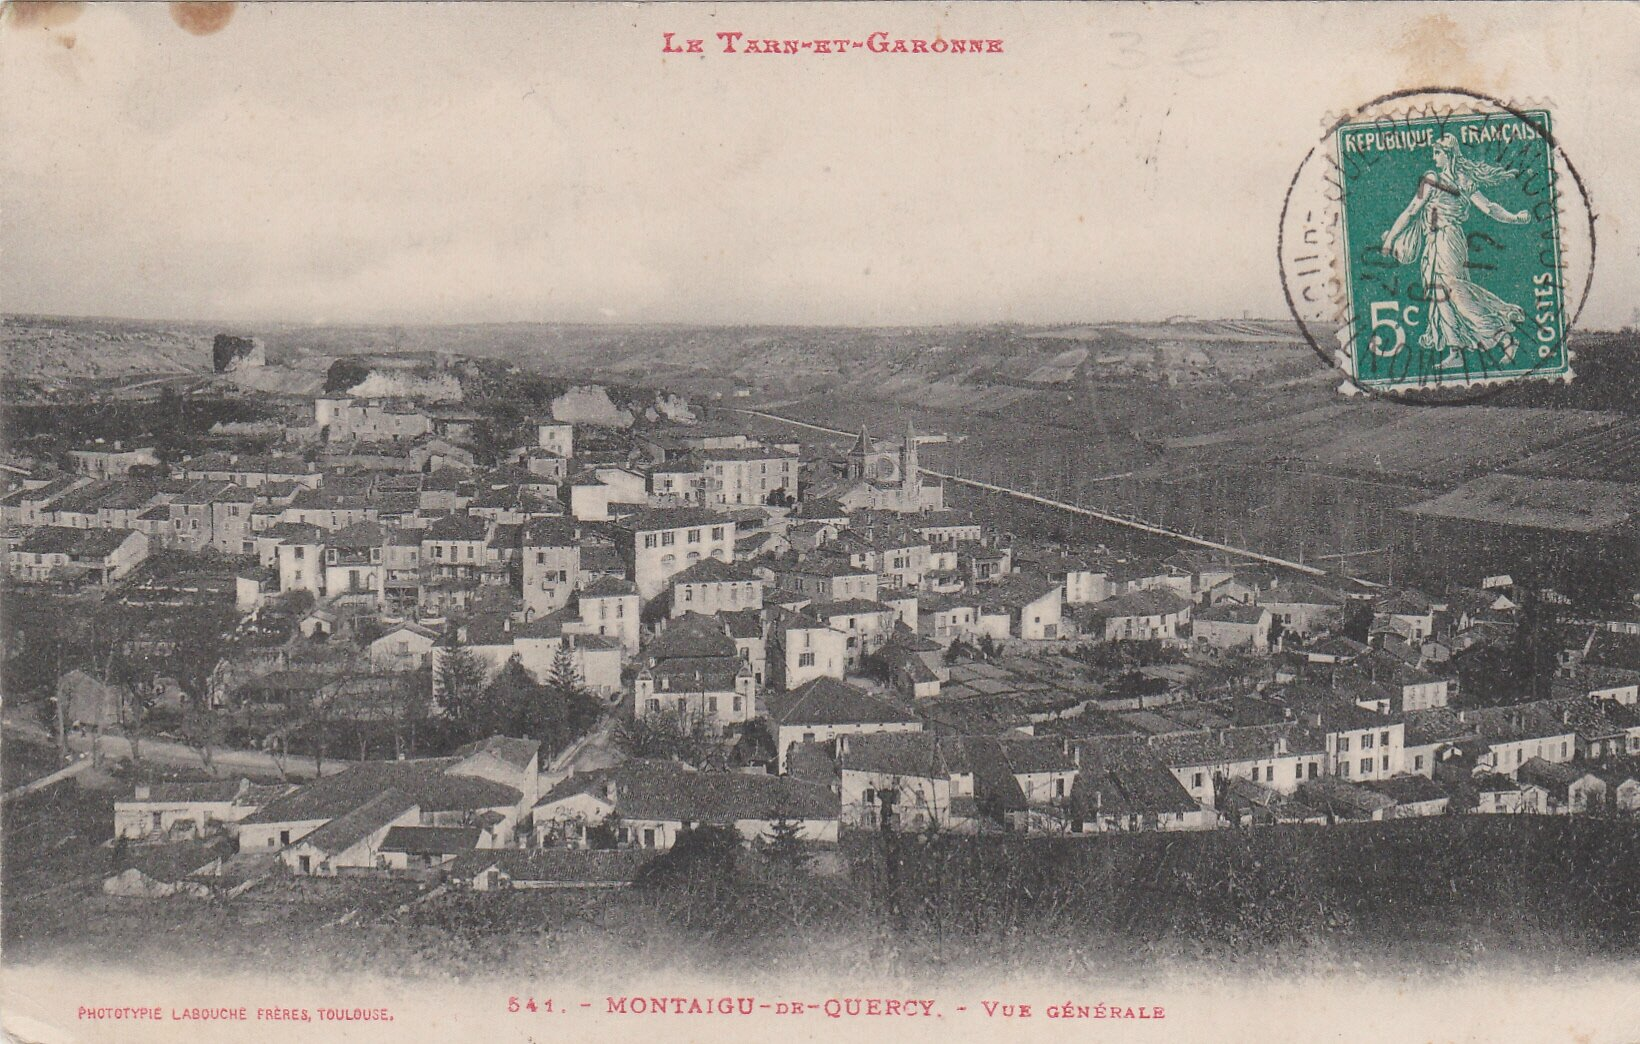 Le Tarn-et-Garonne 541